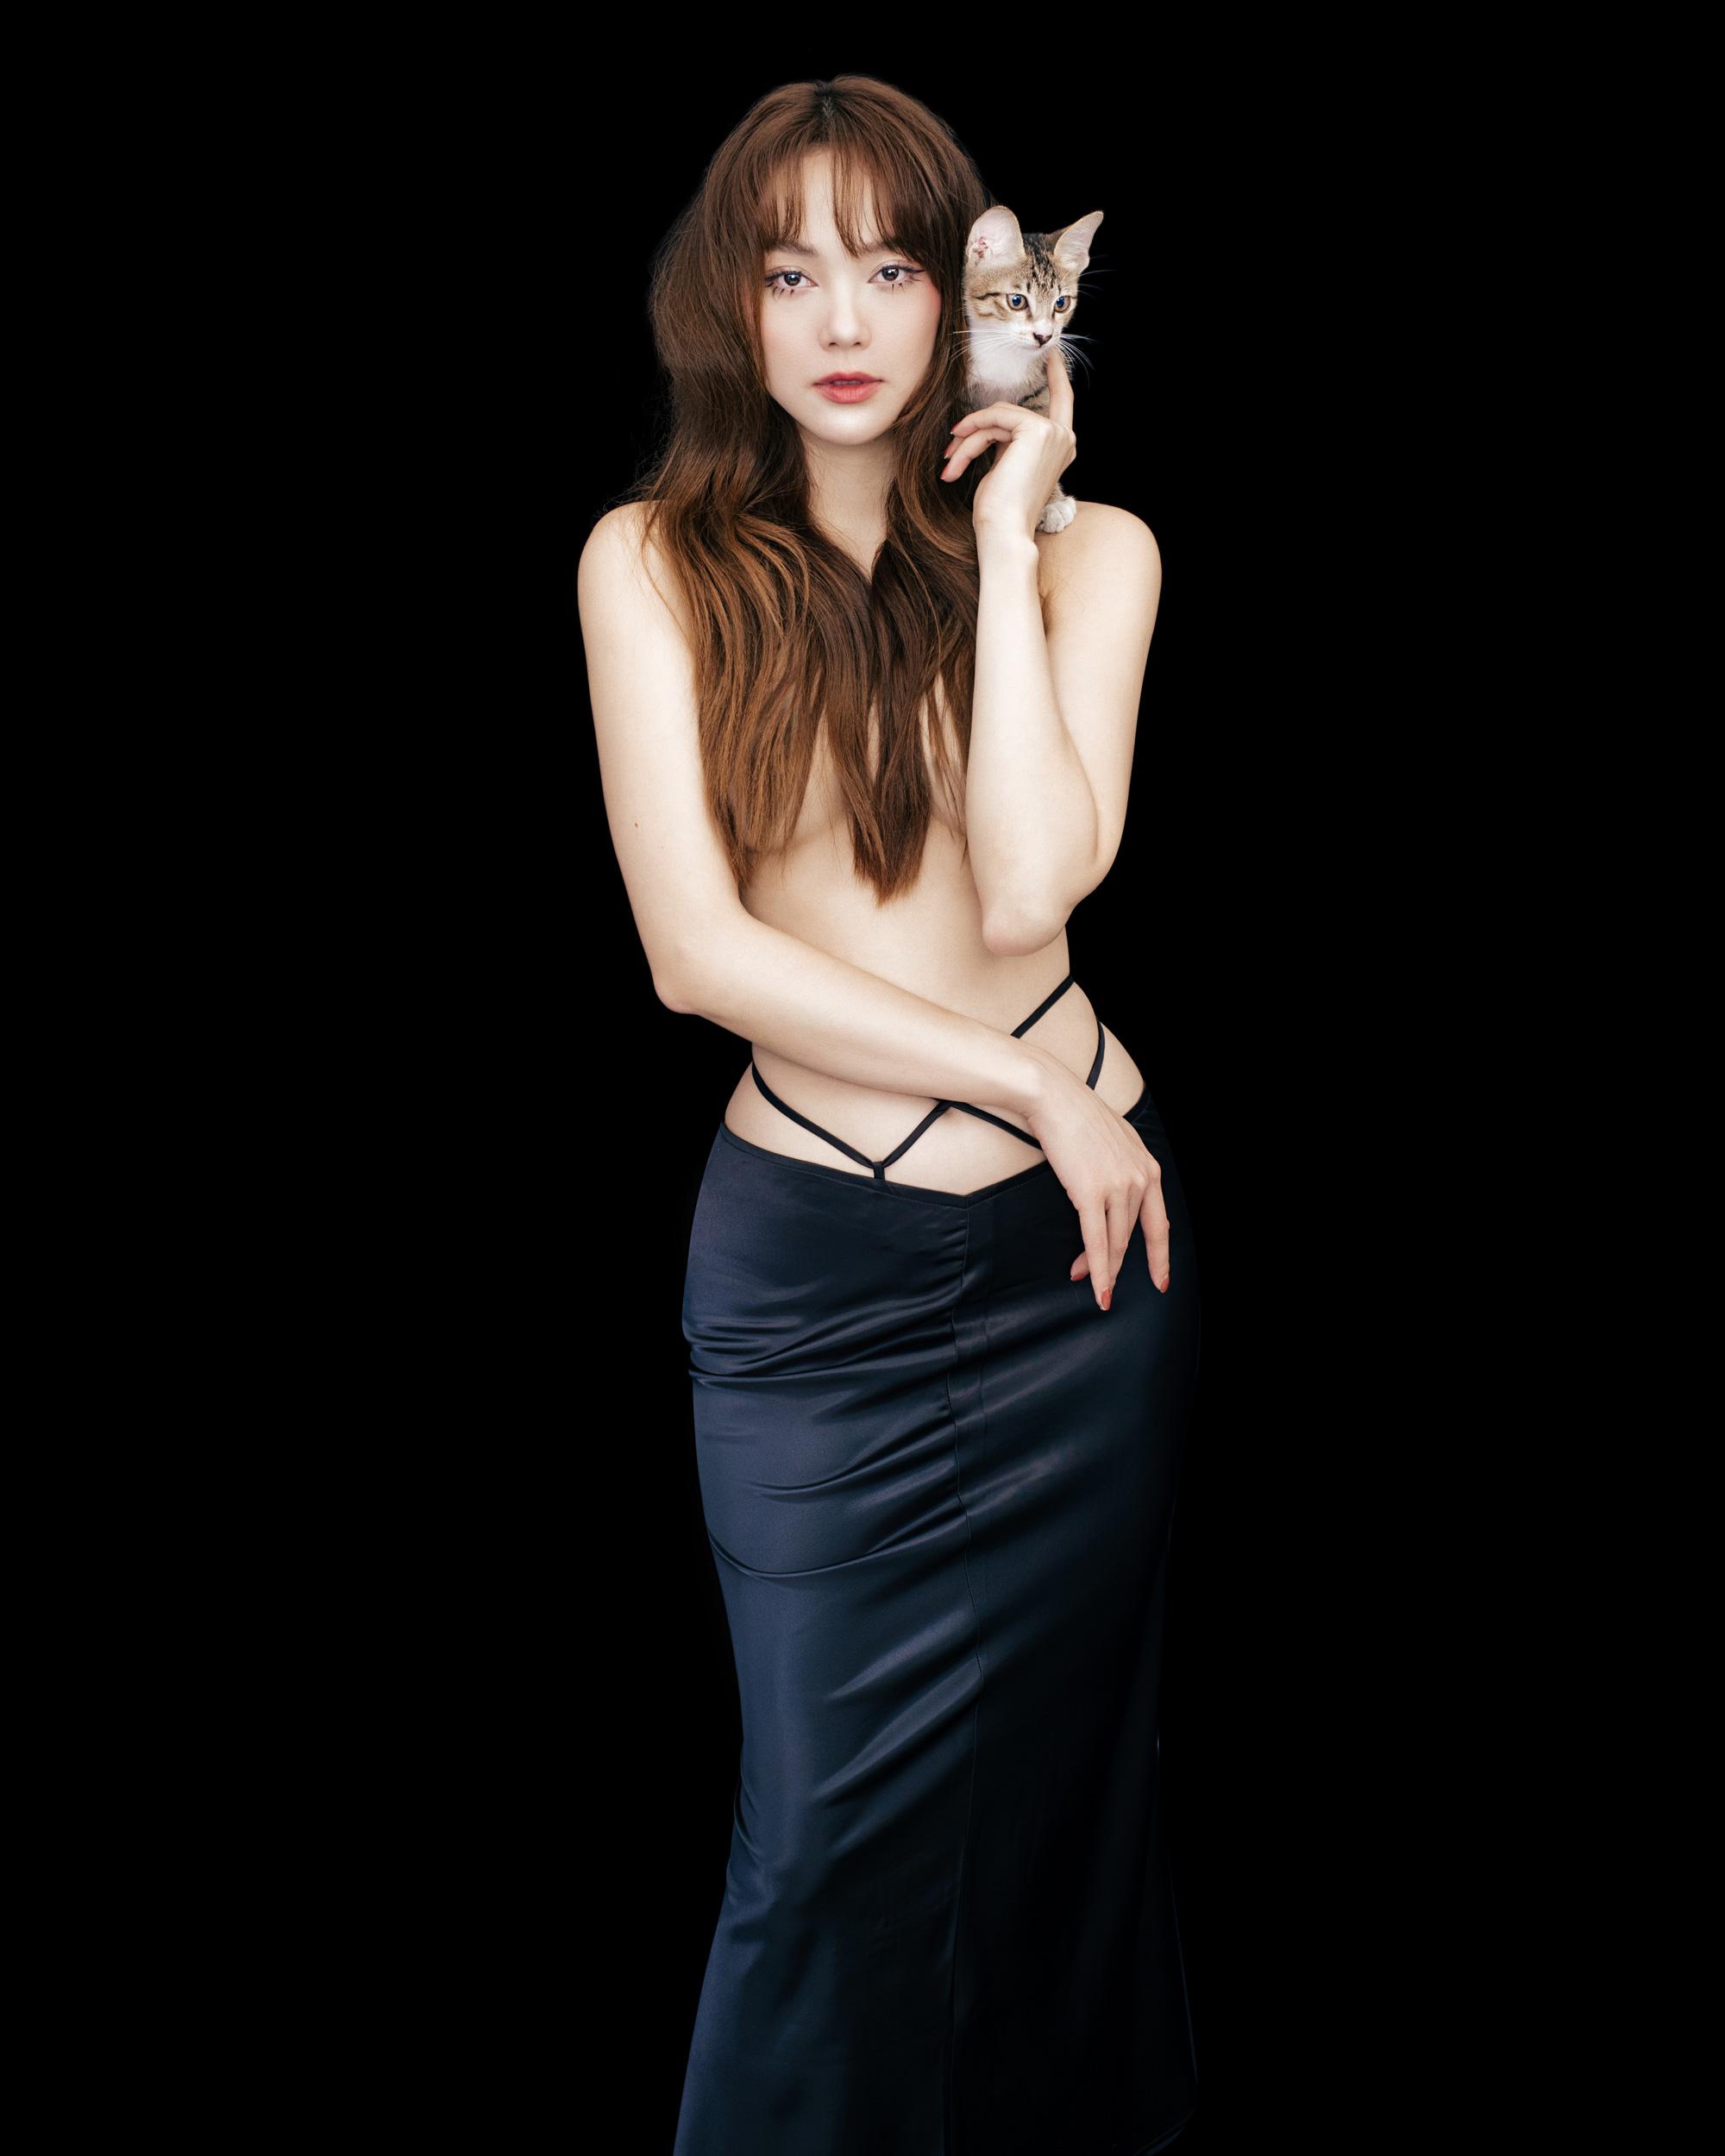 Top 10 nữ diễn viên đẹp nhất Việt Nam - Toplist.vn